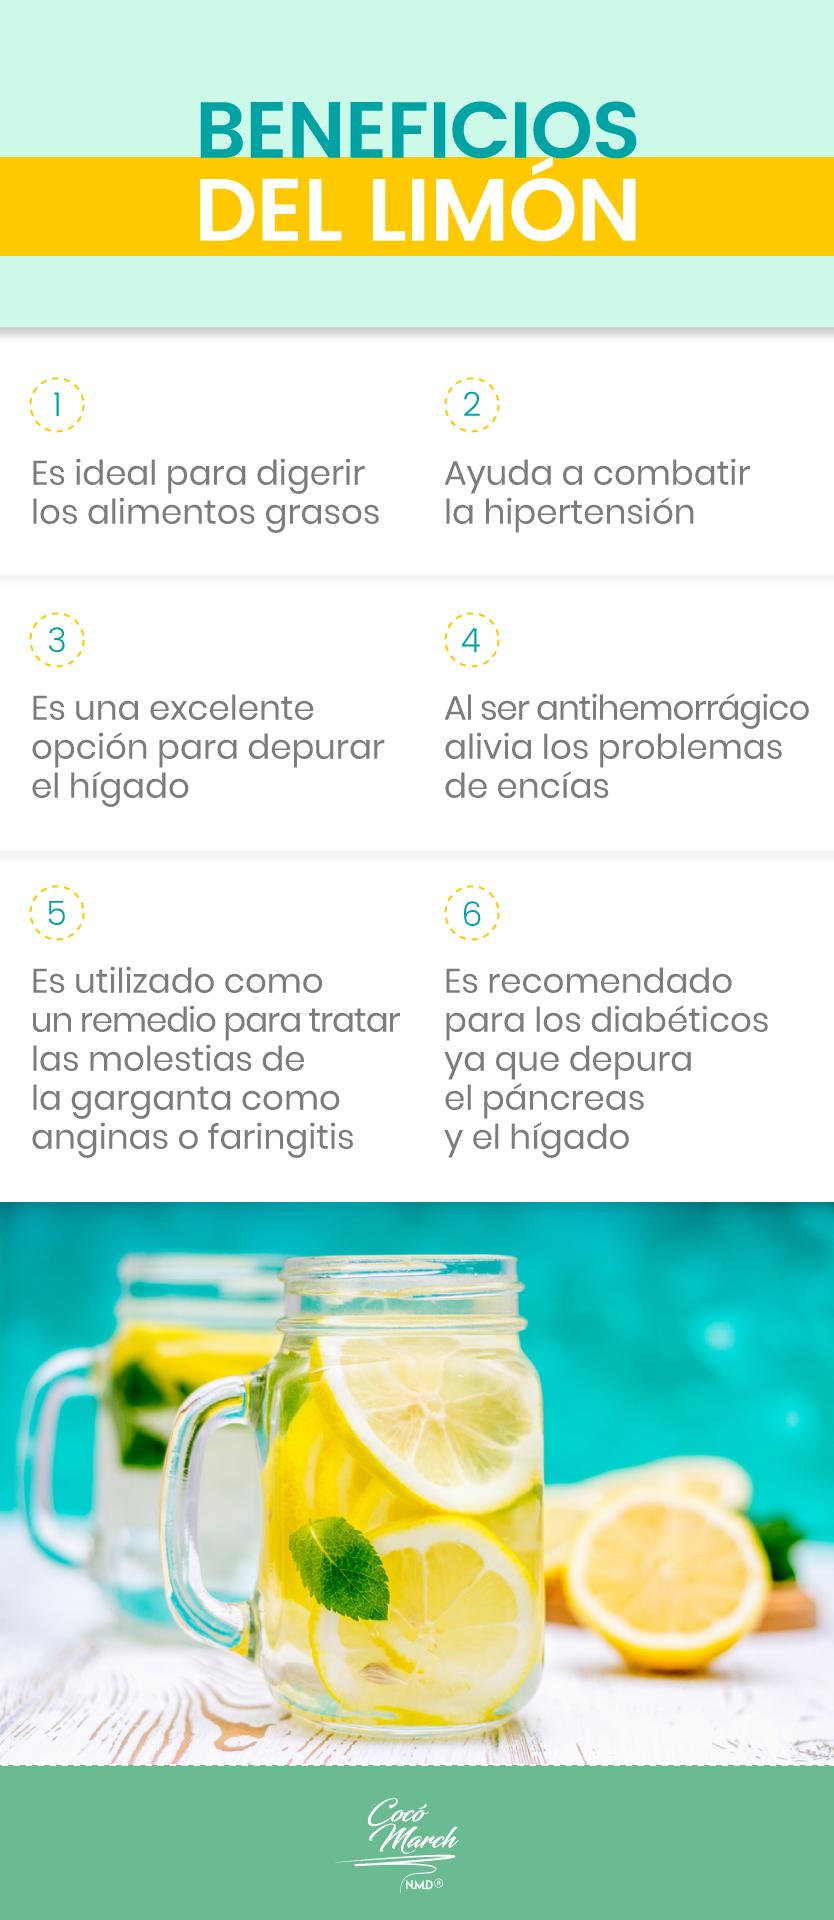 limón-beneficios